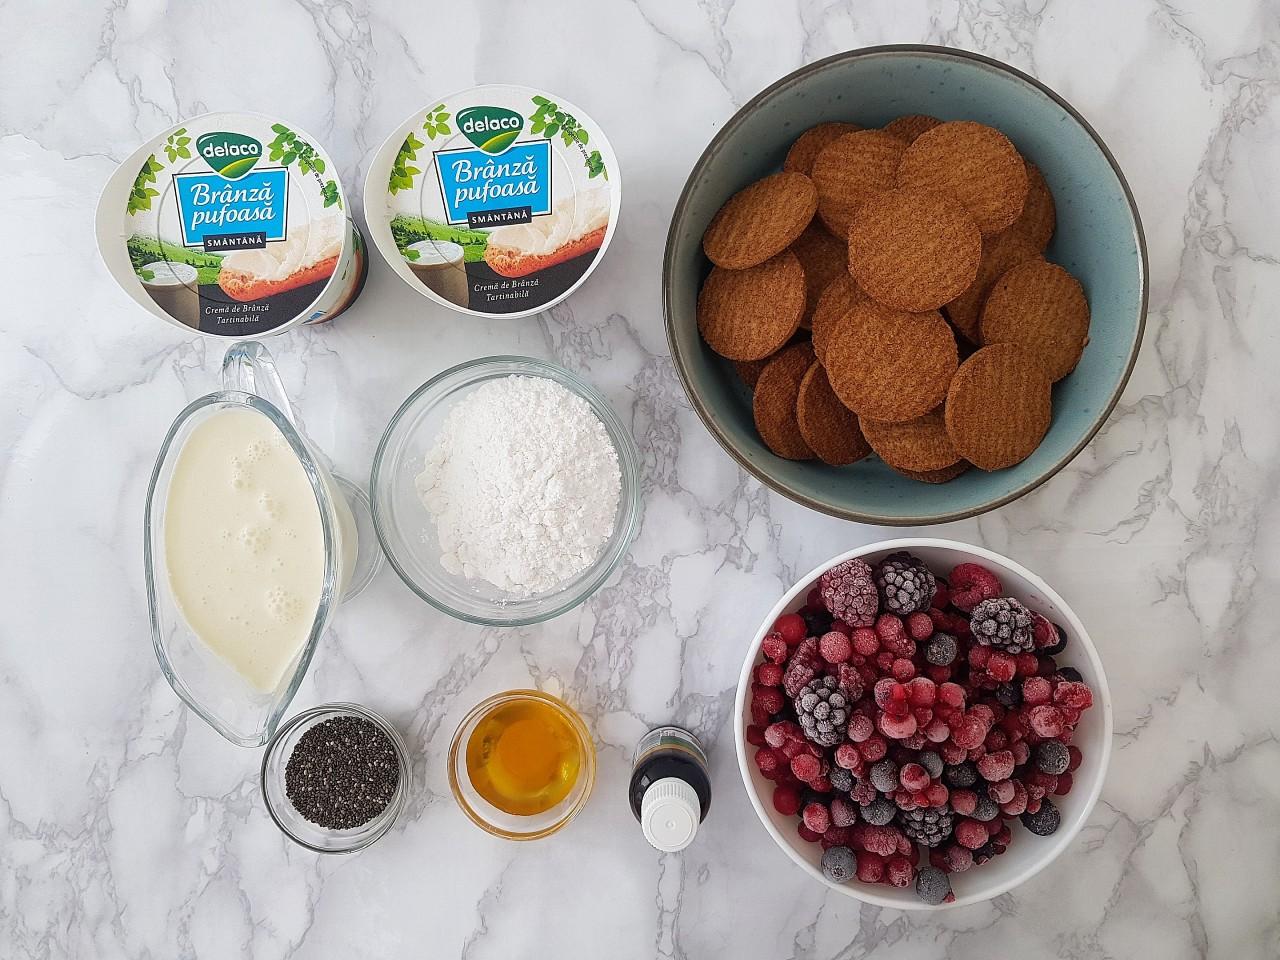 Cheesecake la pahar cu branza pufoasa - Foodieopedia.ro